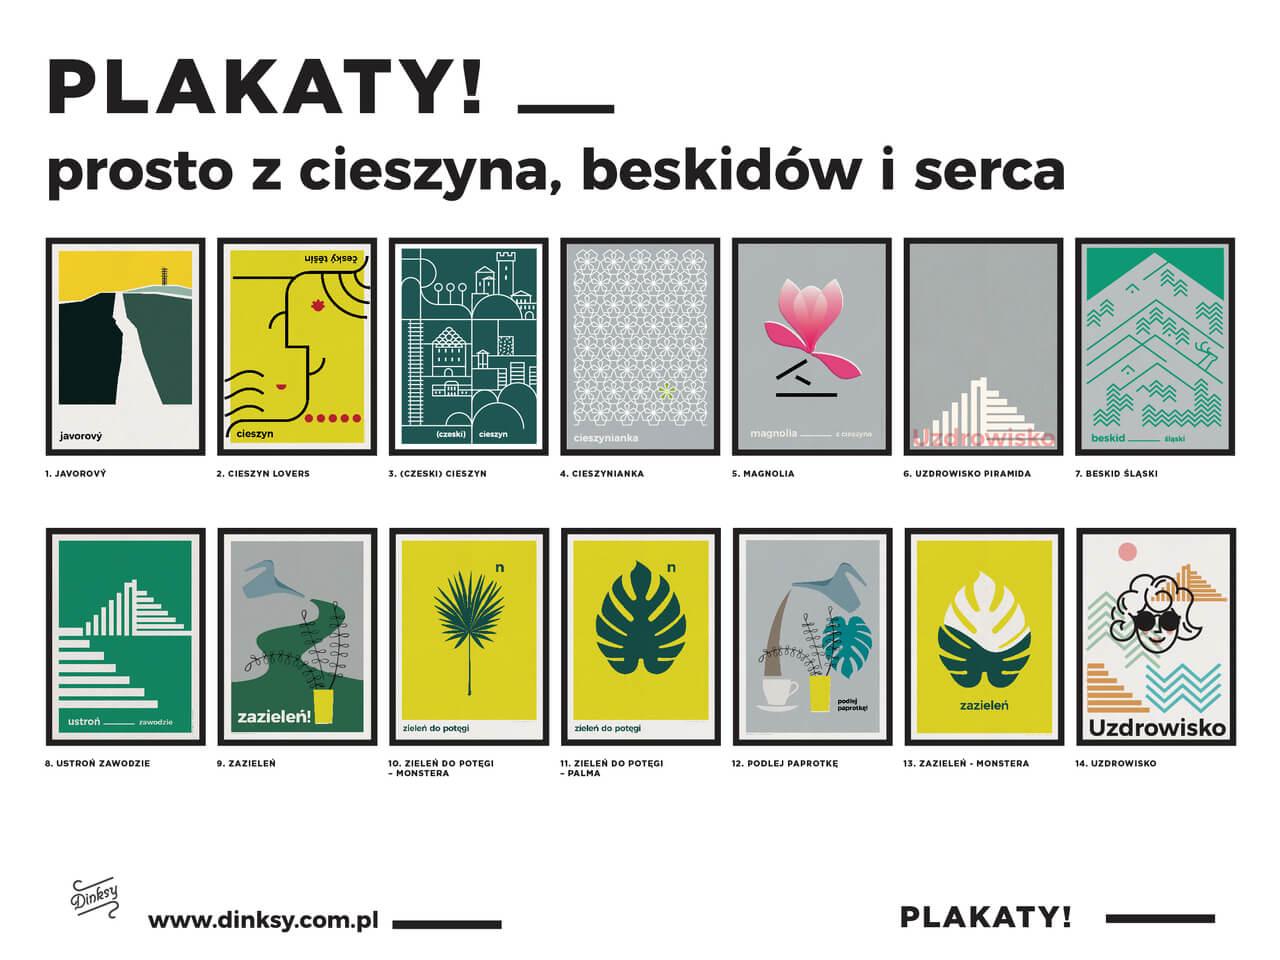 Nasze plakaty w Waszych aranżacjach 4